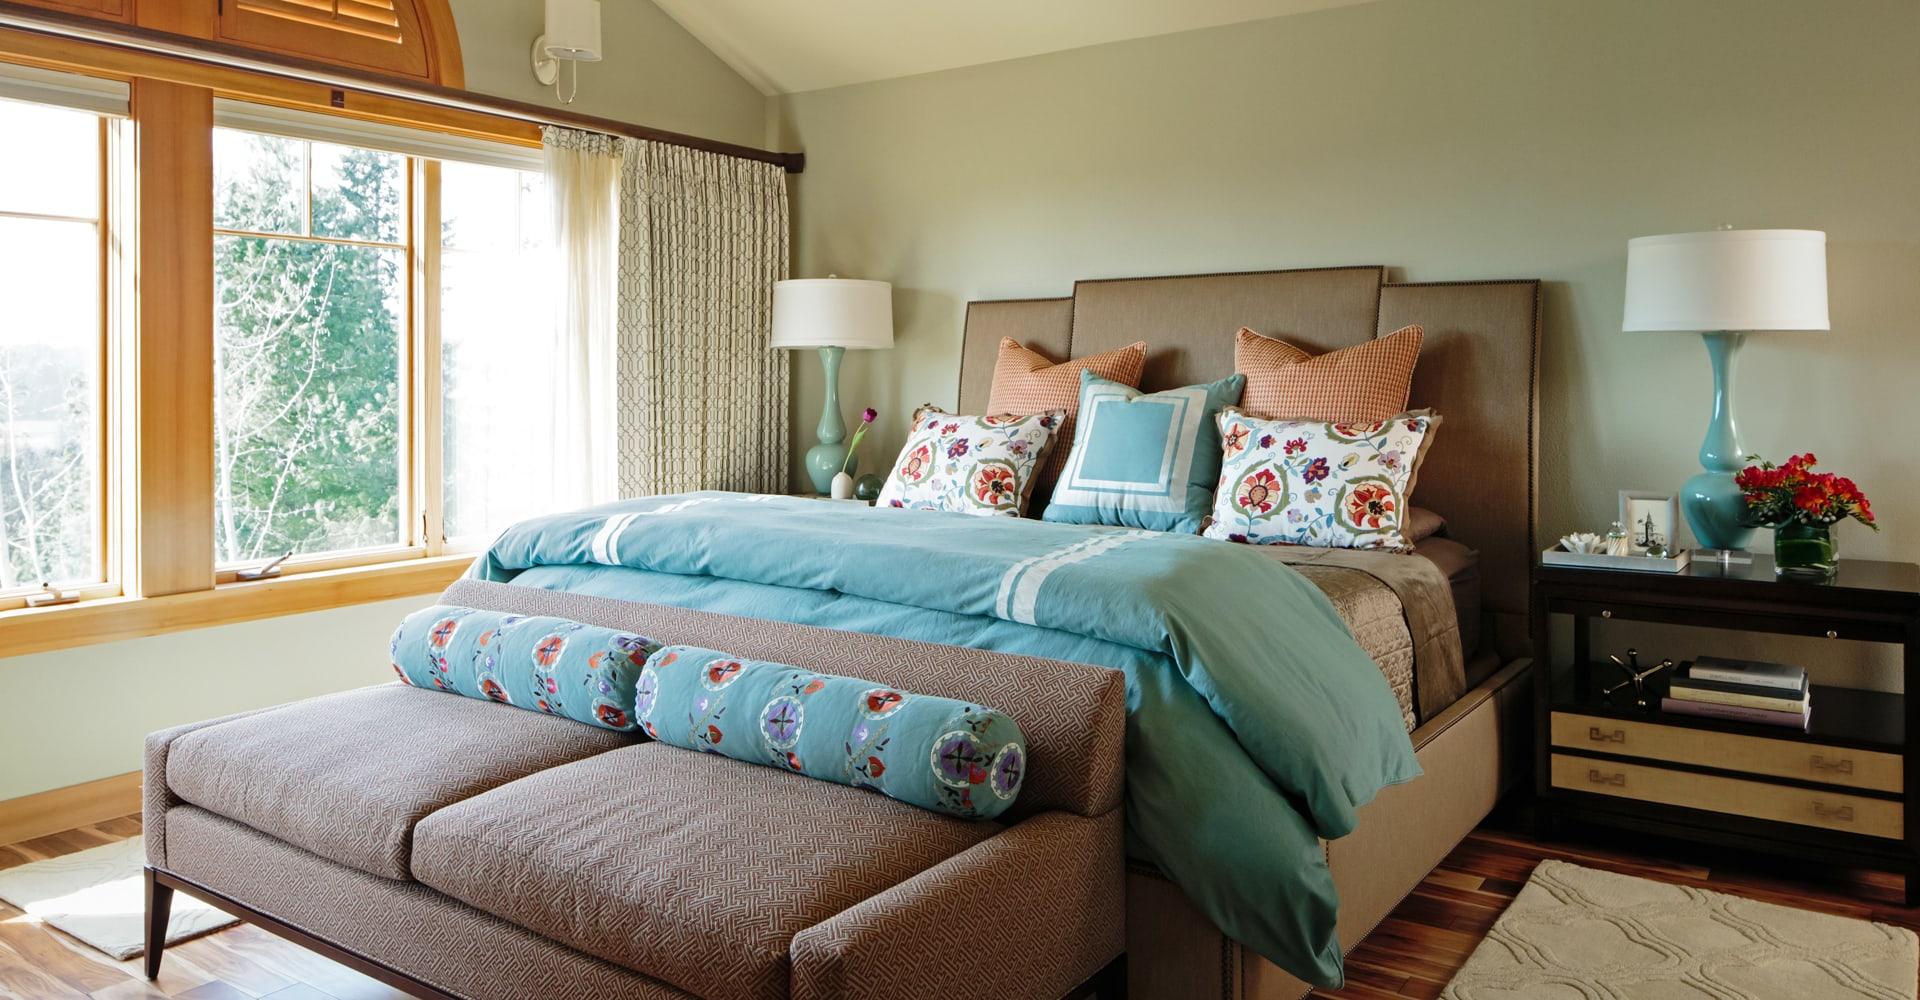 Portland Full Suite Interior Design Expertise & Angela Todd Studios - Portland Oregon Interior Designers